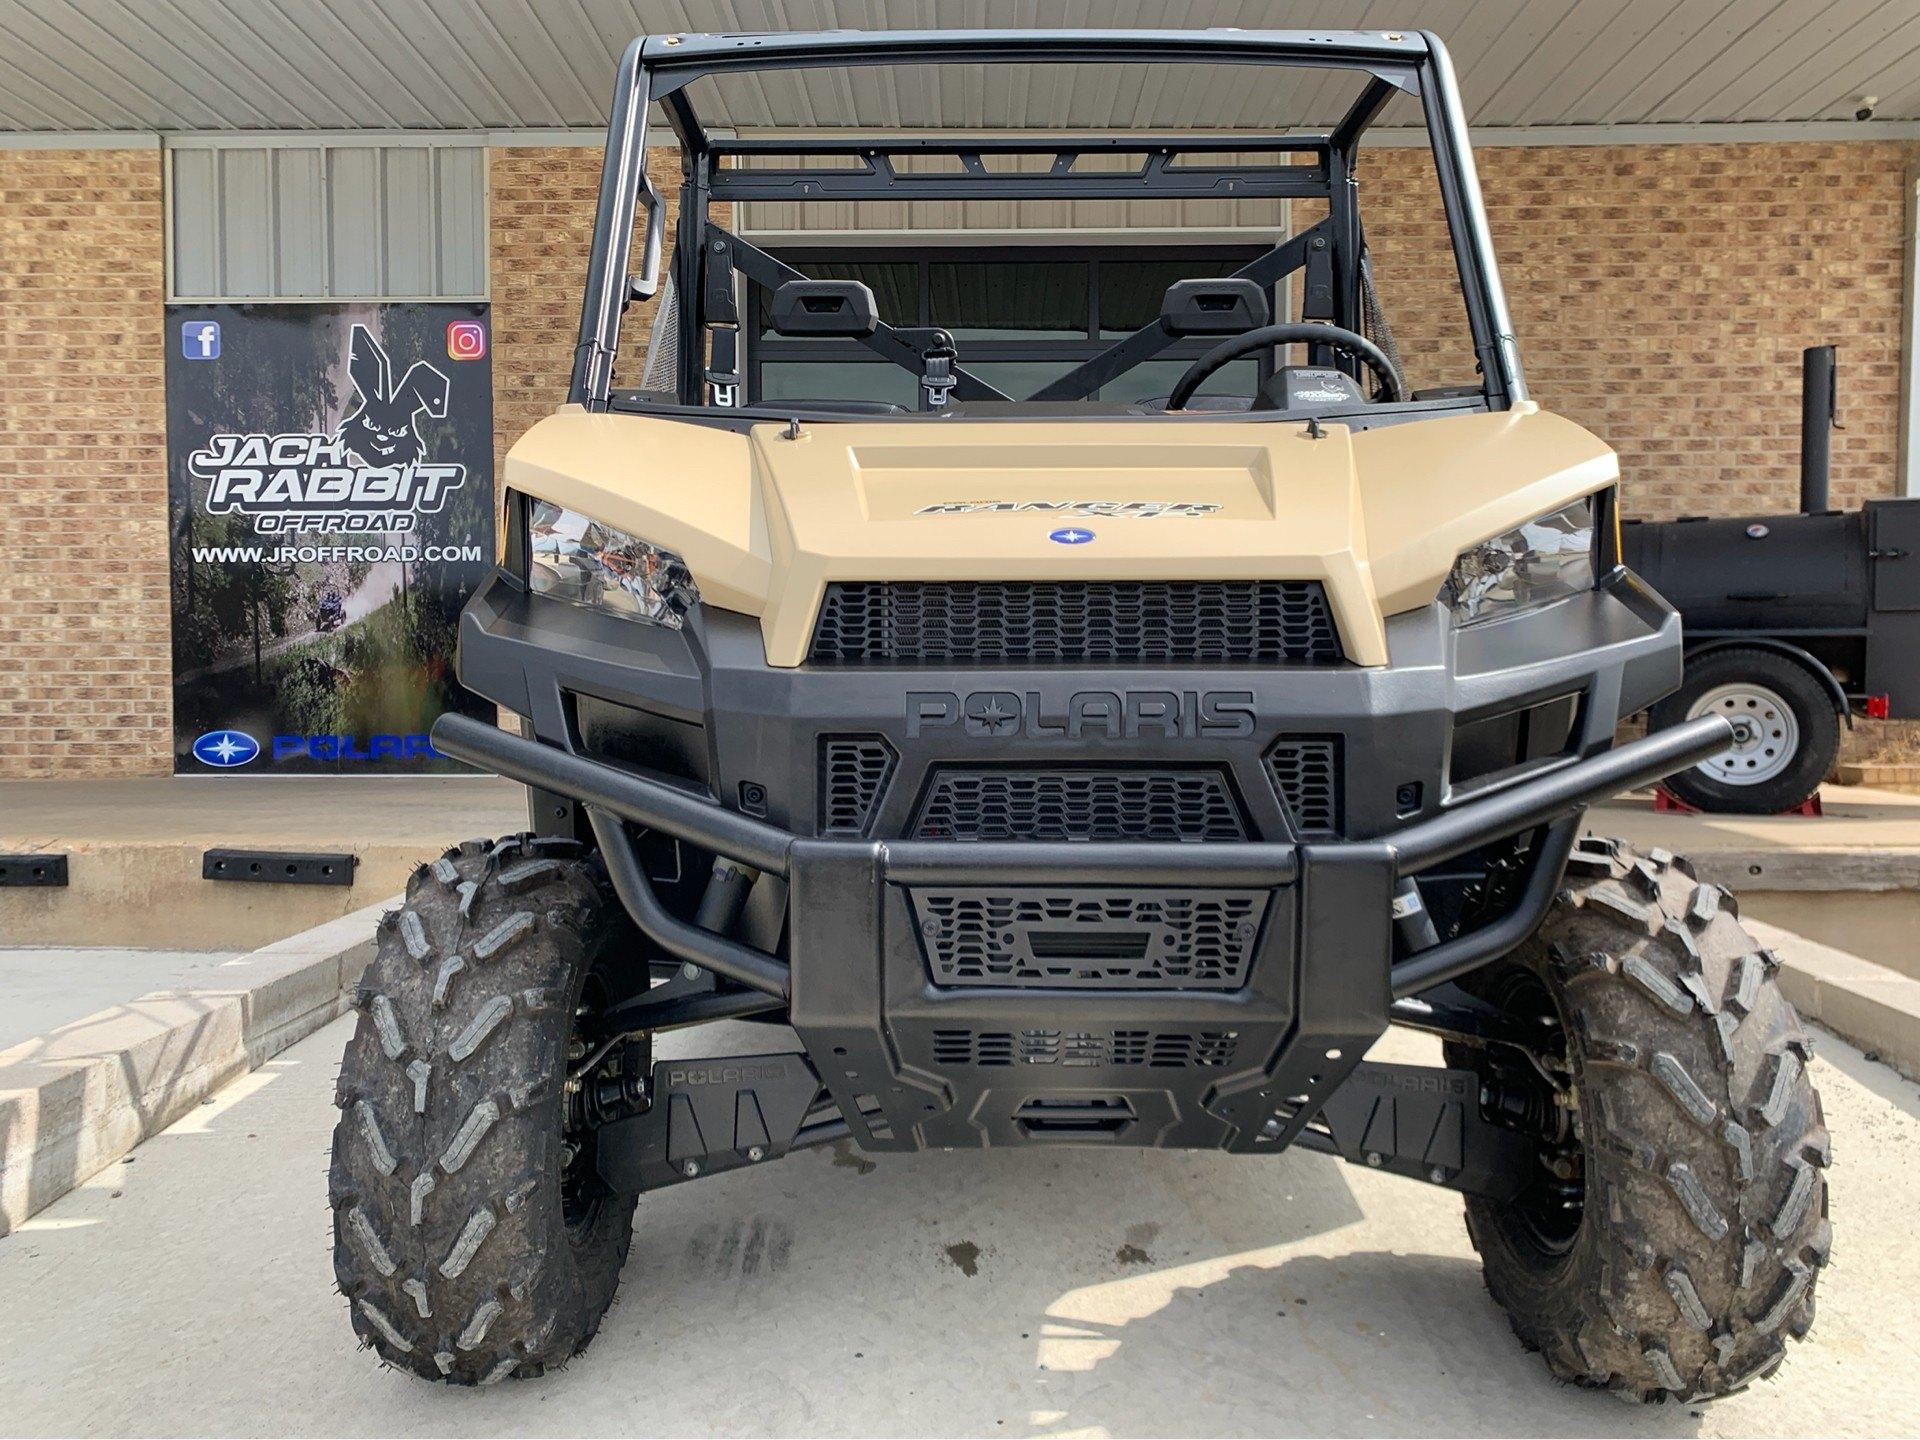 2019 Polaris Ranger XP 900 EPS 10